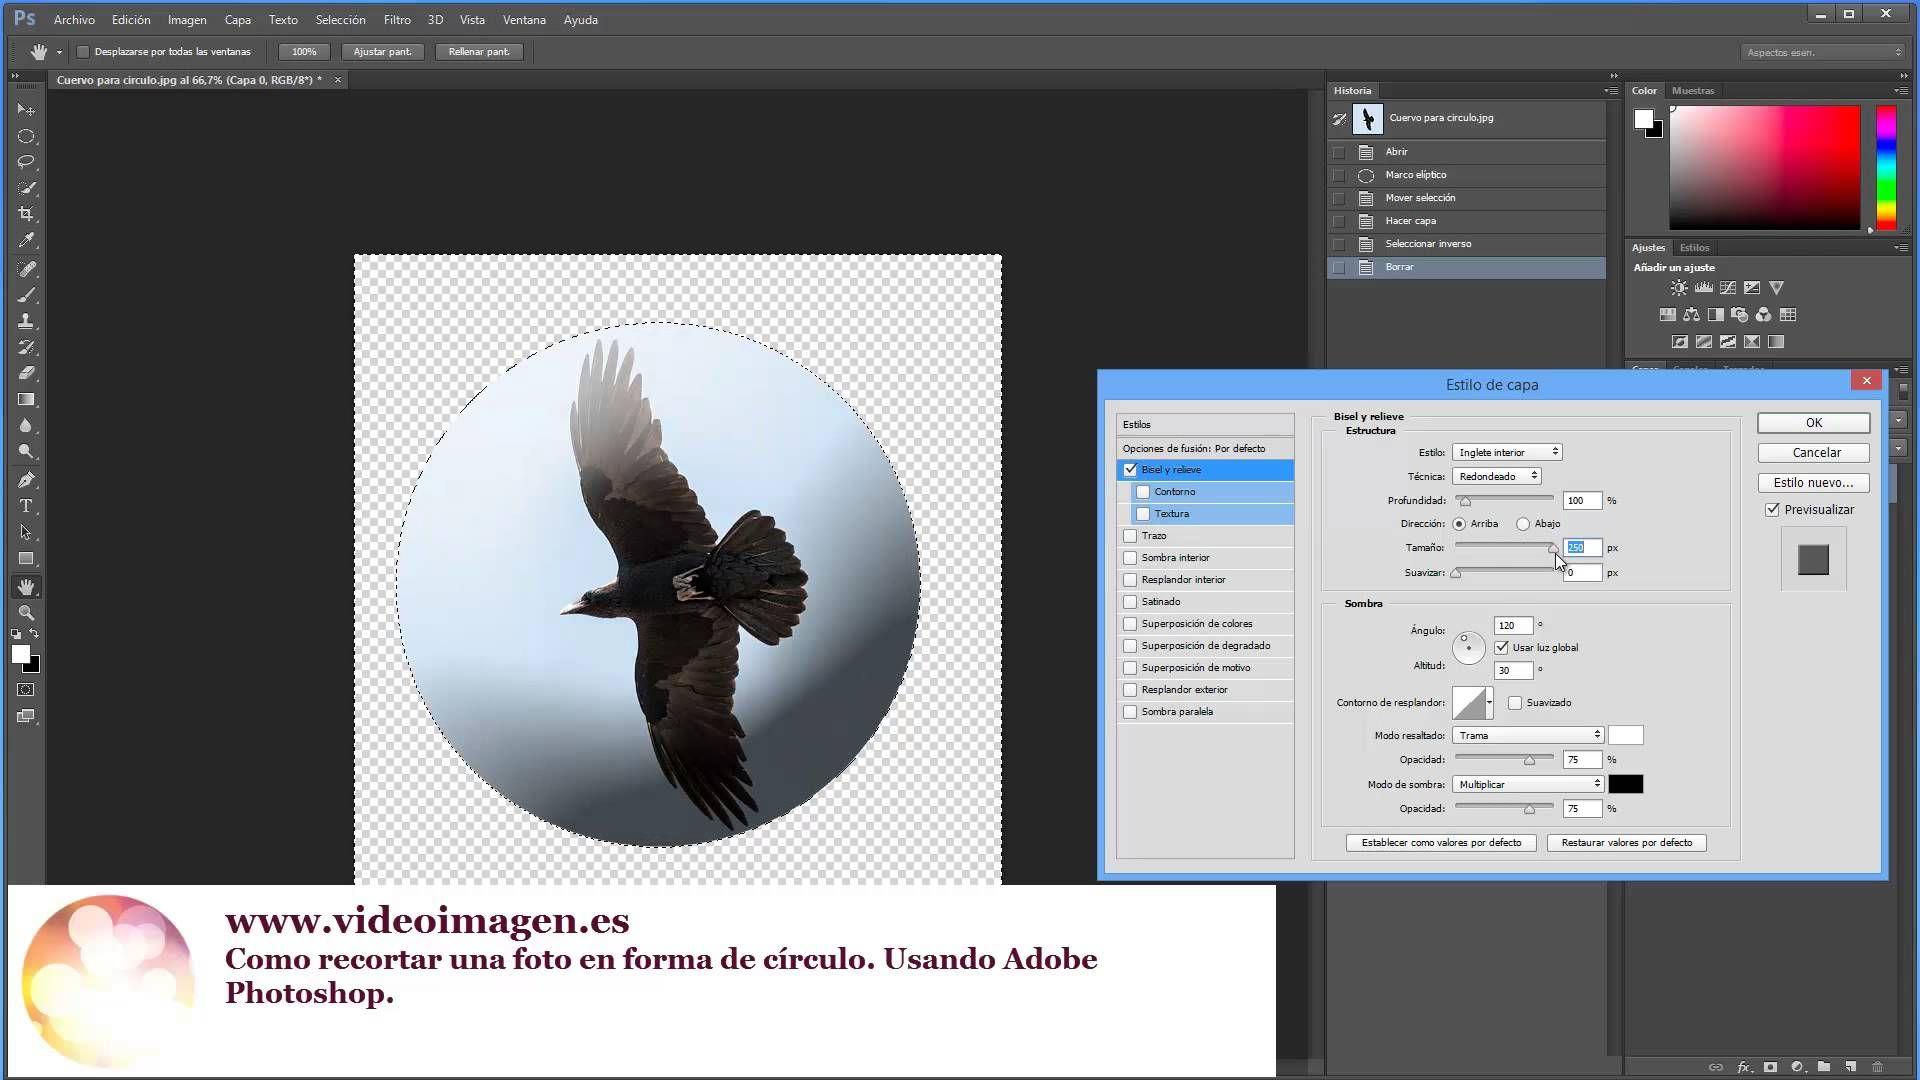 Como hacer un circulo con una fotografia Adobe Photoshop | Arte ...